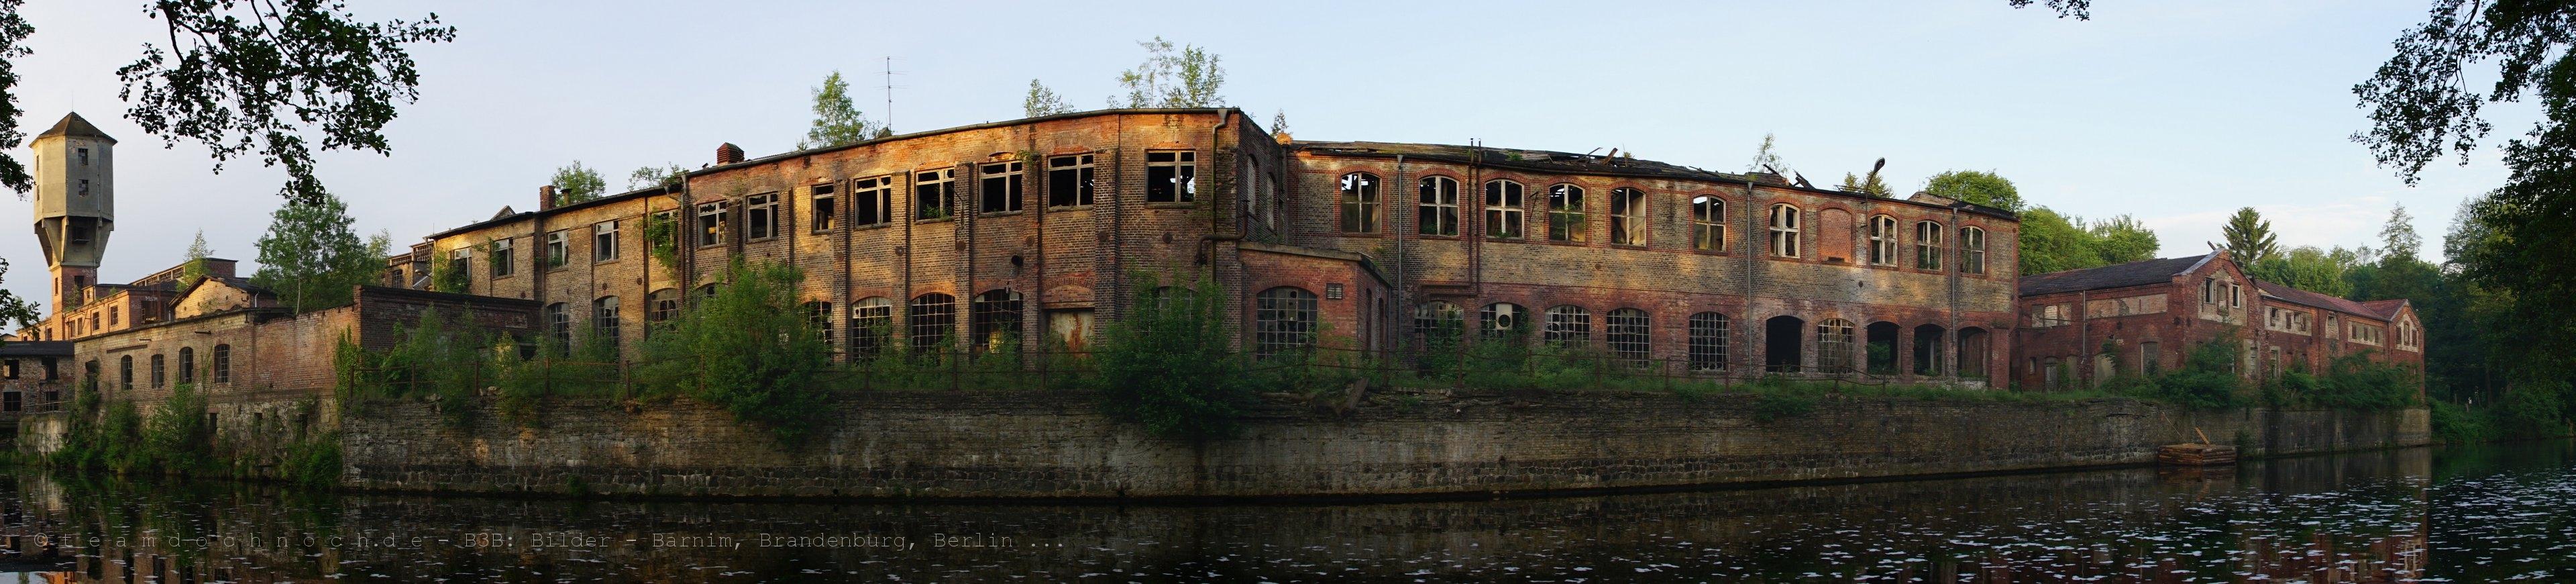 Papierfabrikenbreitbild am Morgen